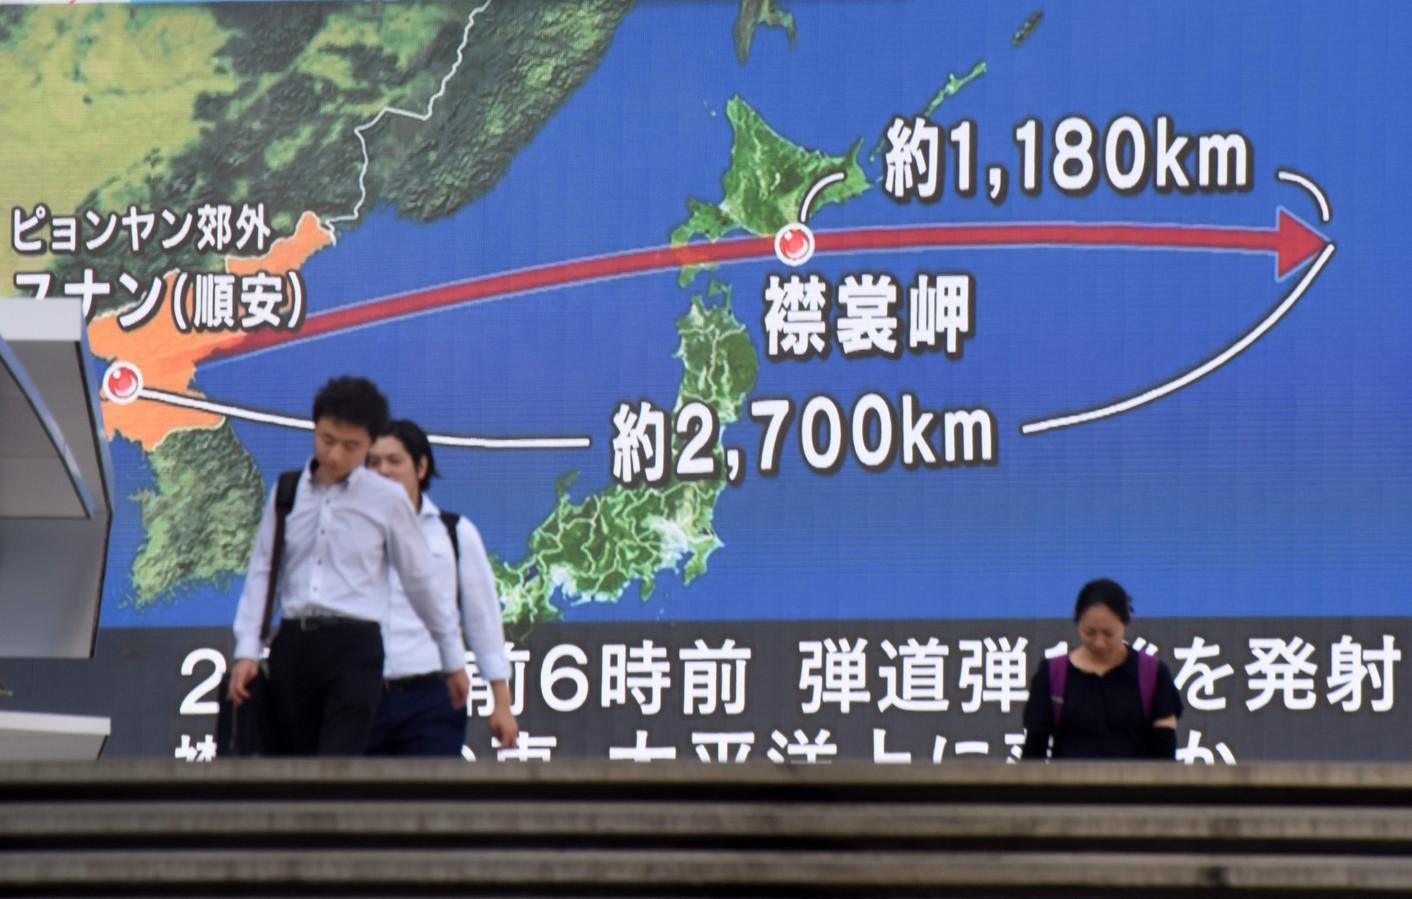 De raket die Noord-Korea gisteren afvuurde vloog over Japan en landde 1.180 kilometer van de kust in zee.